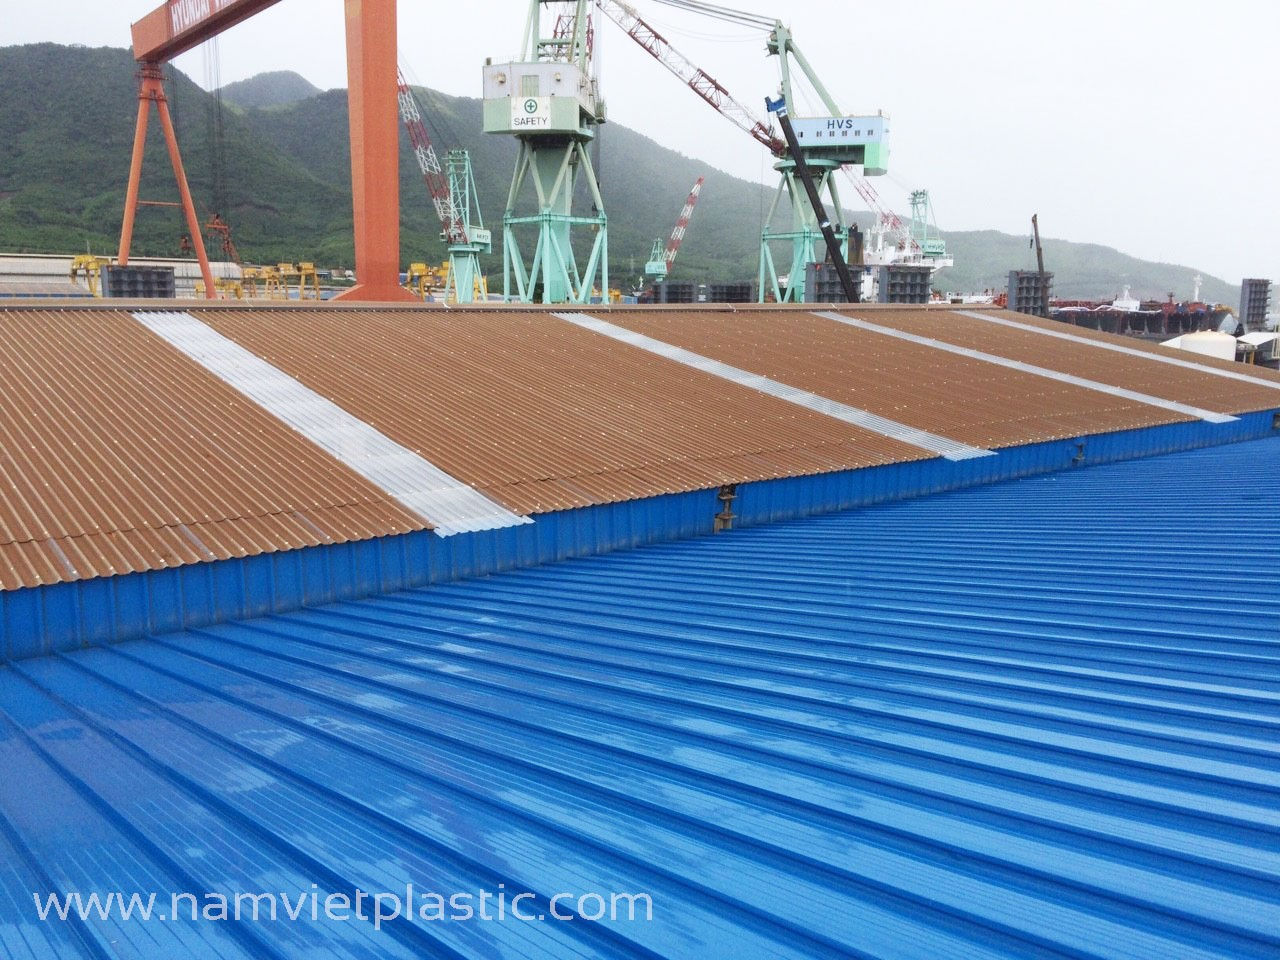 Nhà máy đóng tàu Hyundai-Vinashin Khánh Hòa